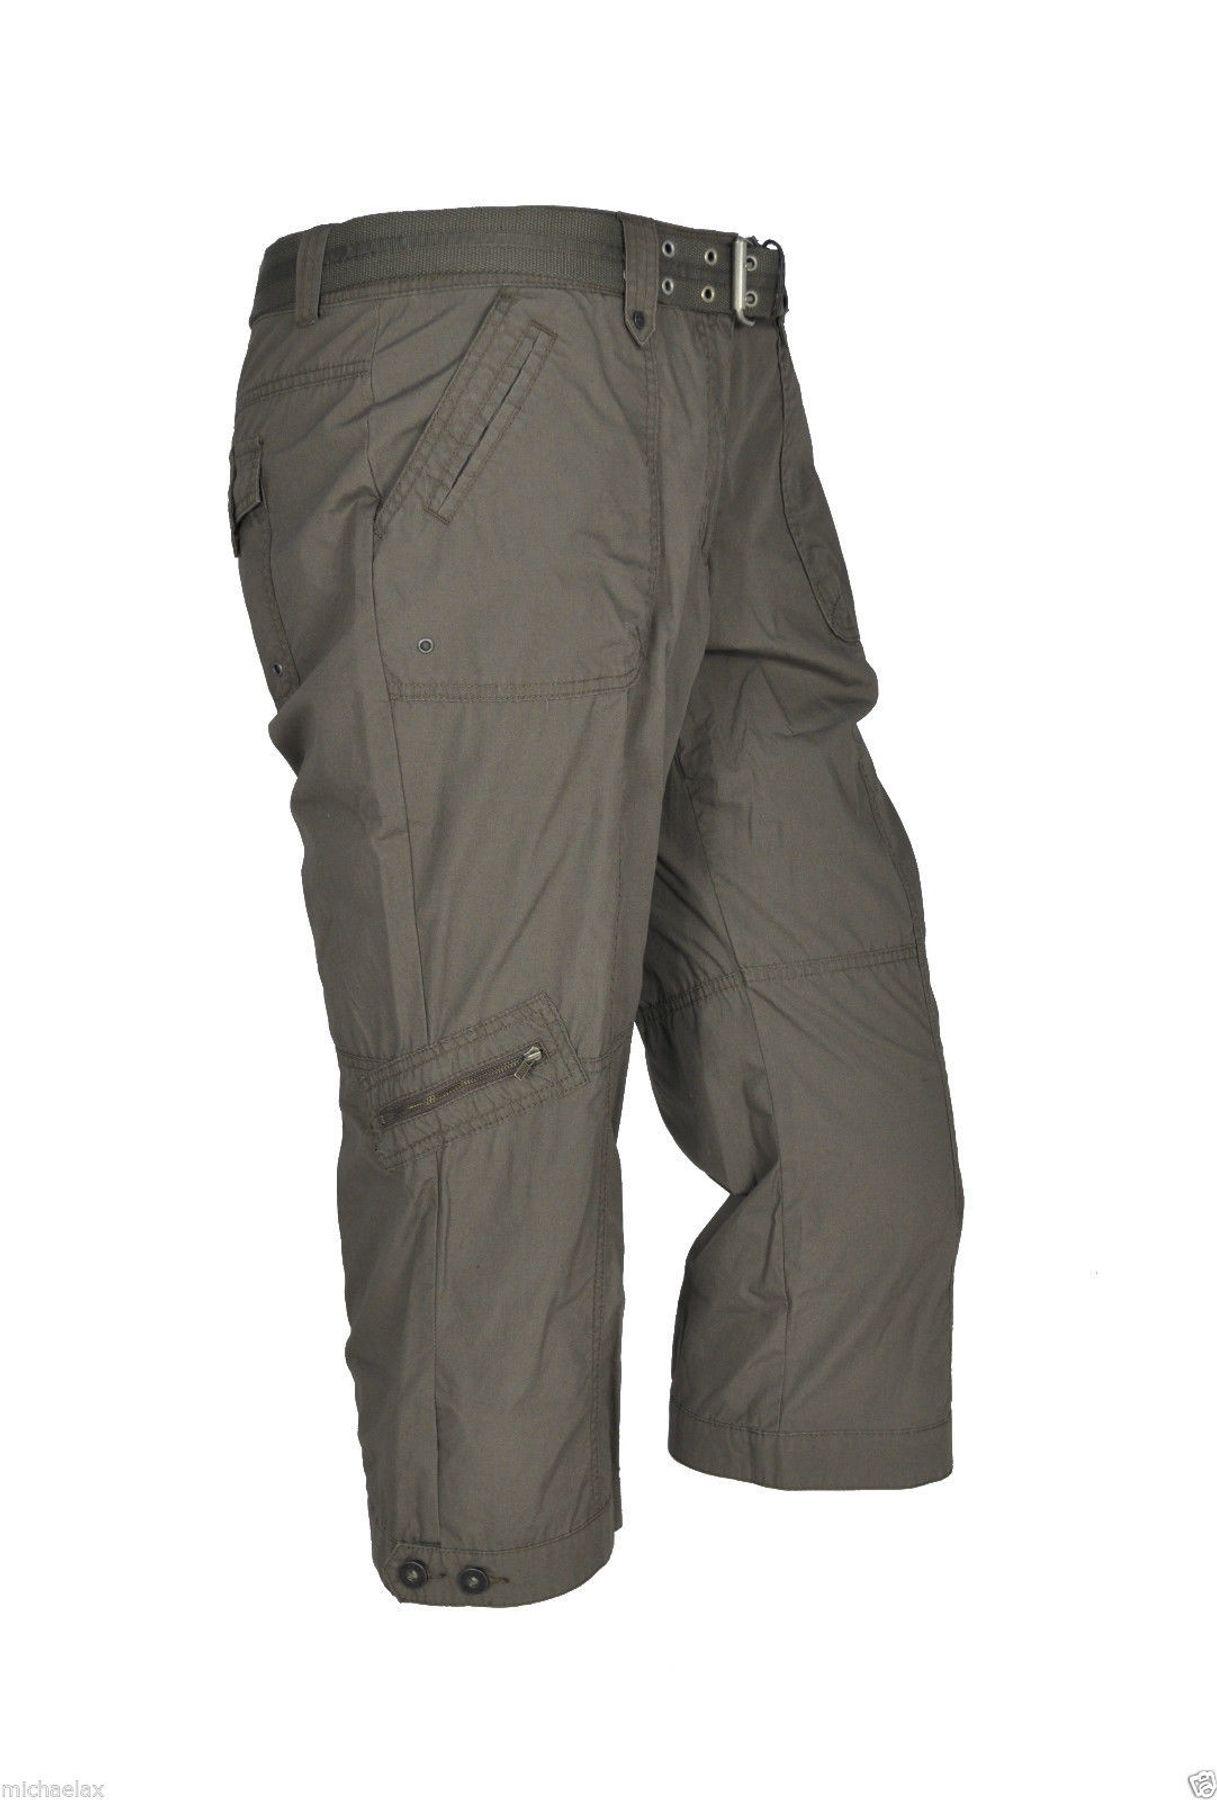 Damen 3/4 Shorts mit Cargo Taschen und in verschiedenen Farben, Art. Janina – Bild 7